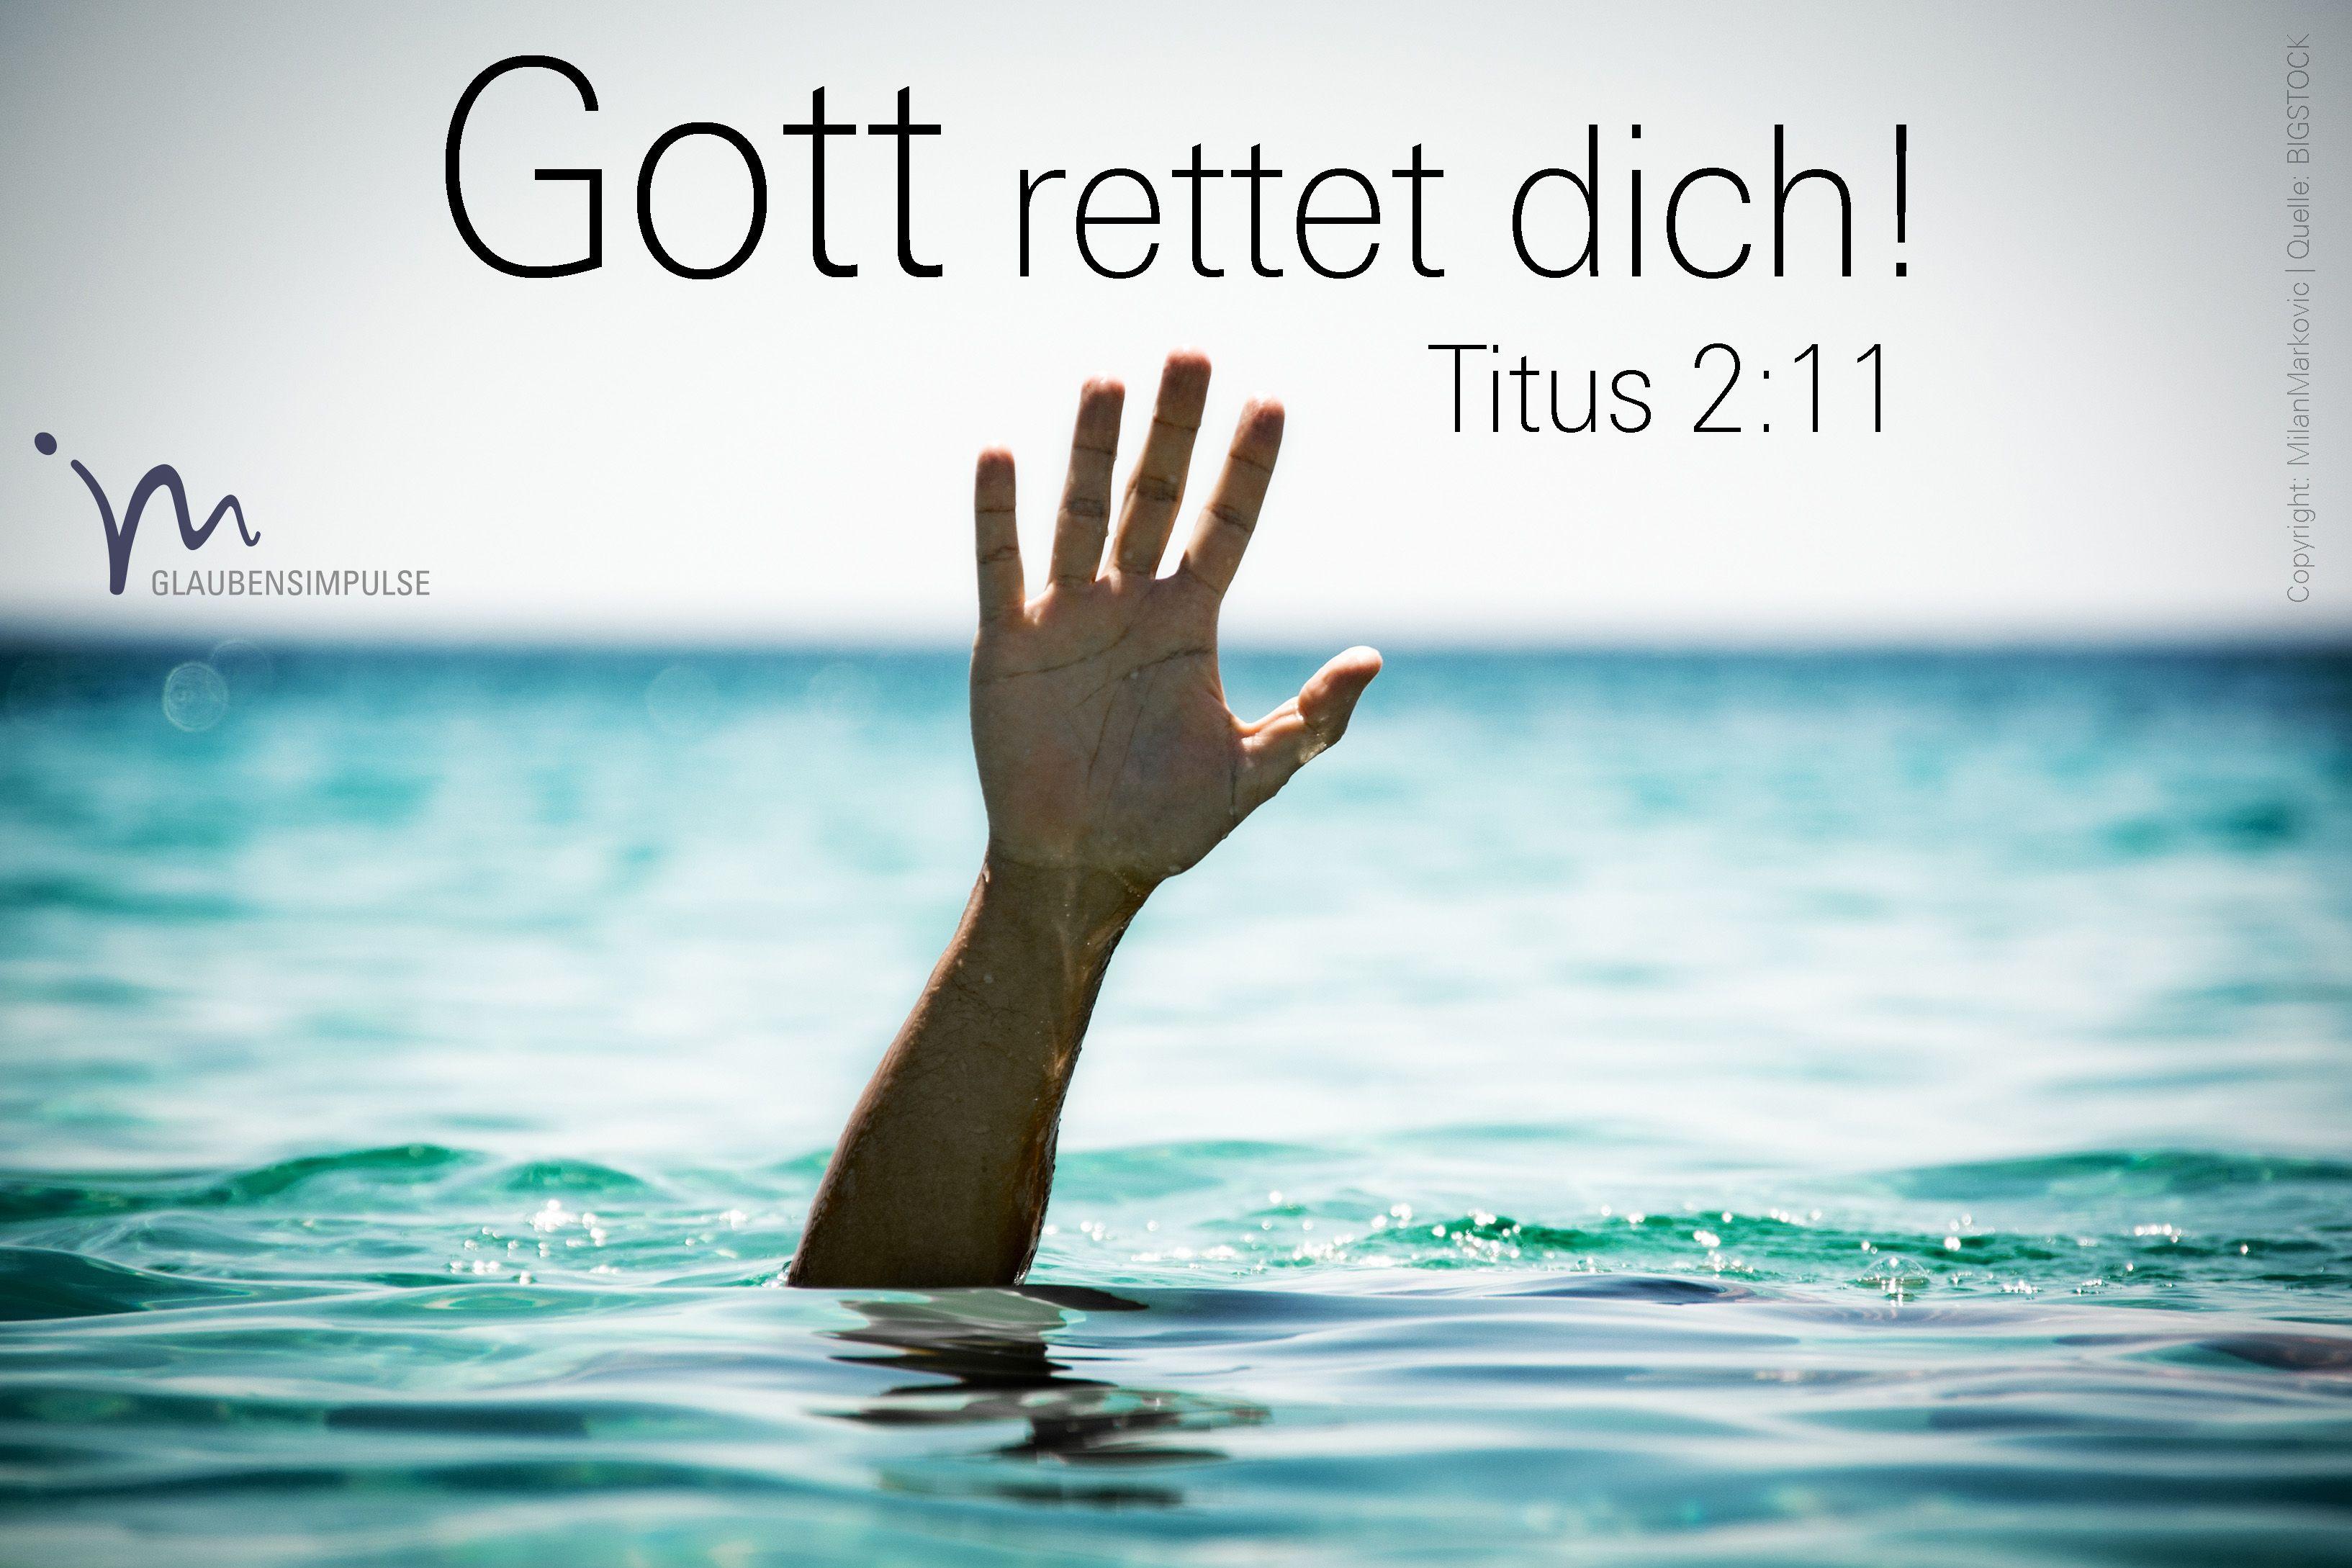 Barmherzigkeit Gottes Kreuzworträtsel